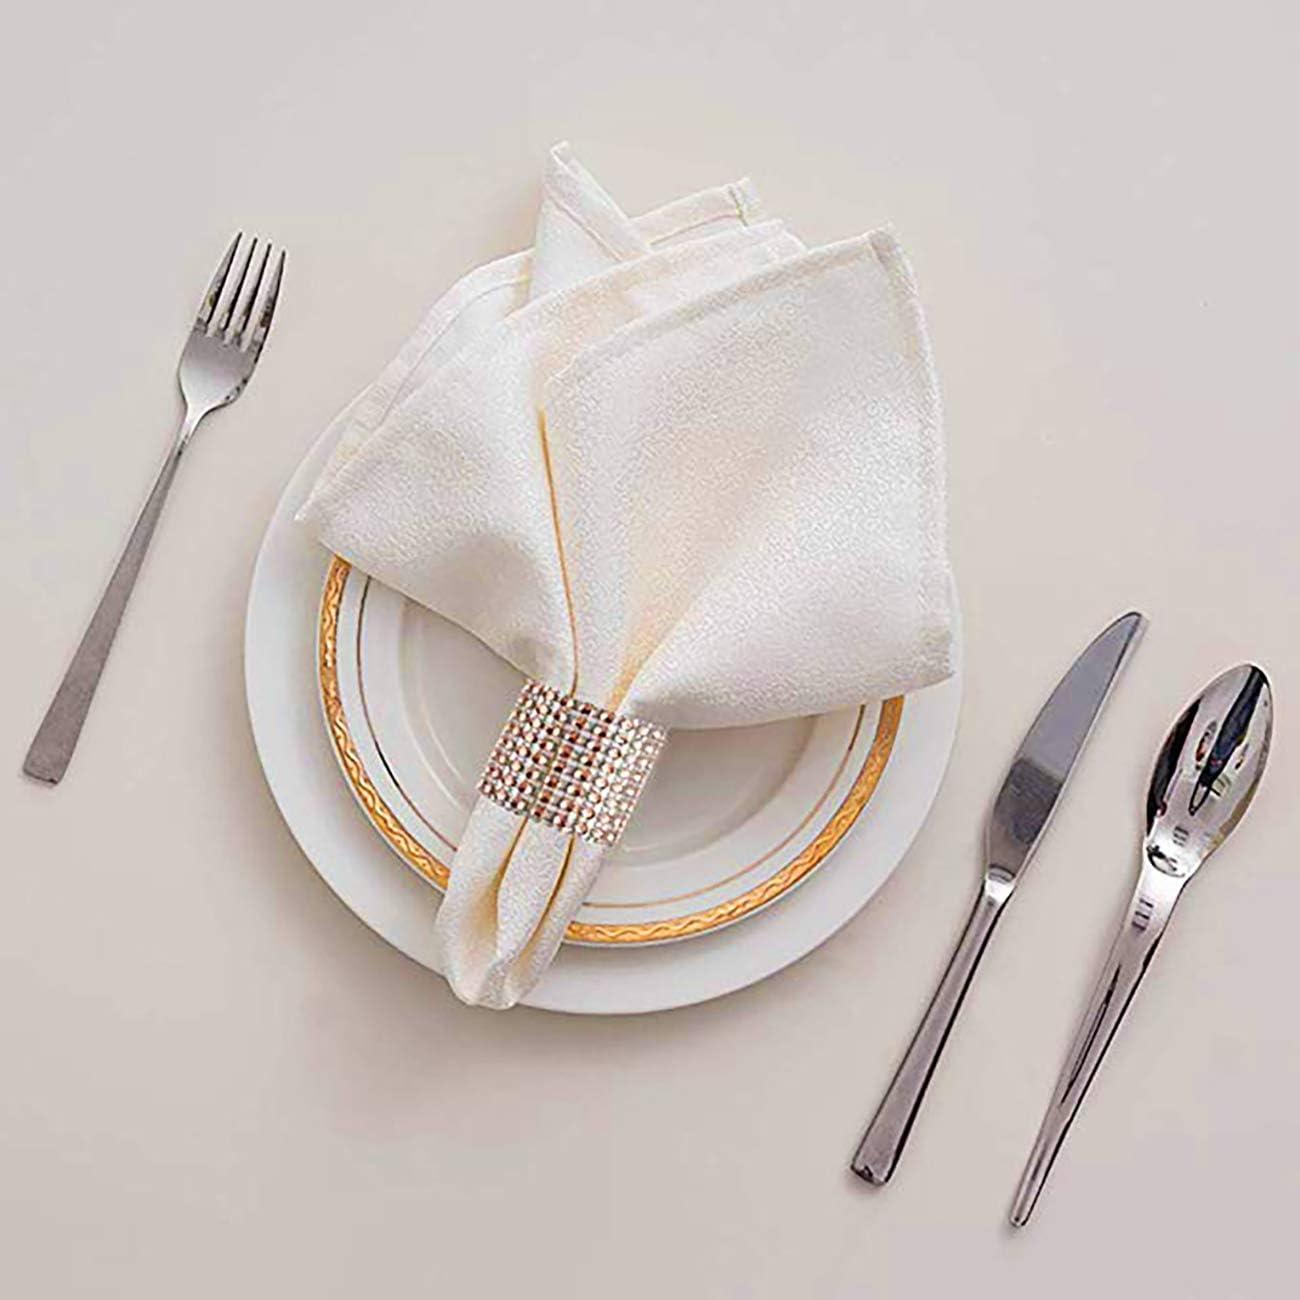 Artensky napkin rings 100Pcs Rond Serviette Anneau Diamant Décoration Table Fête